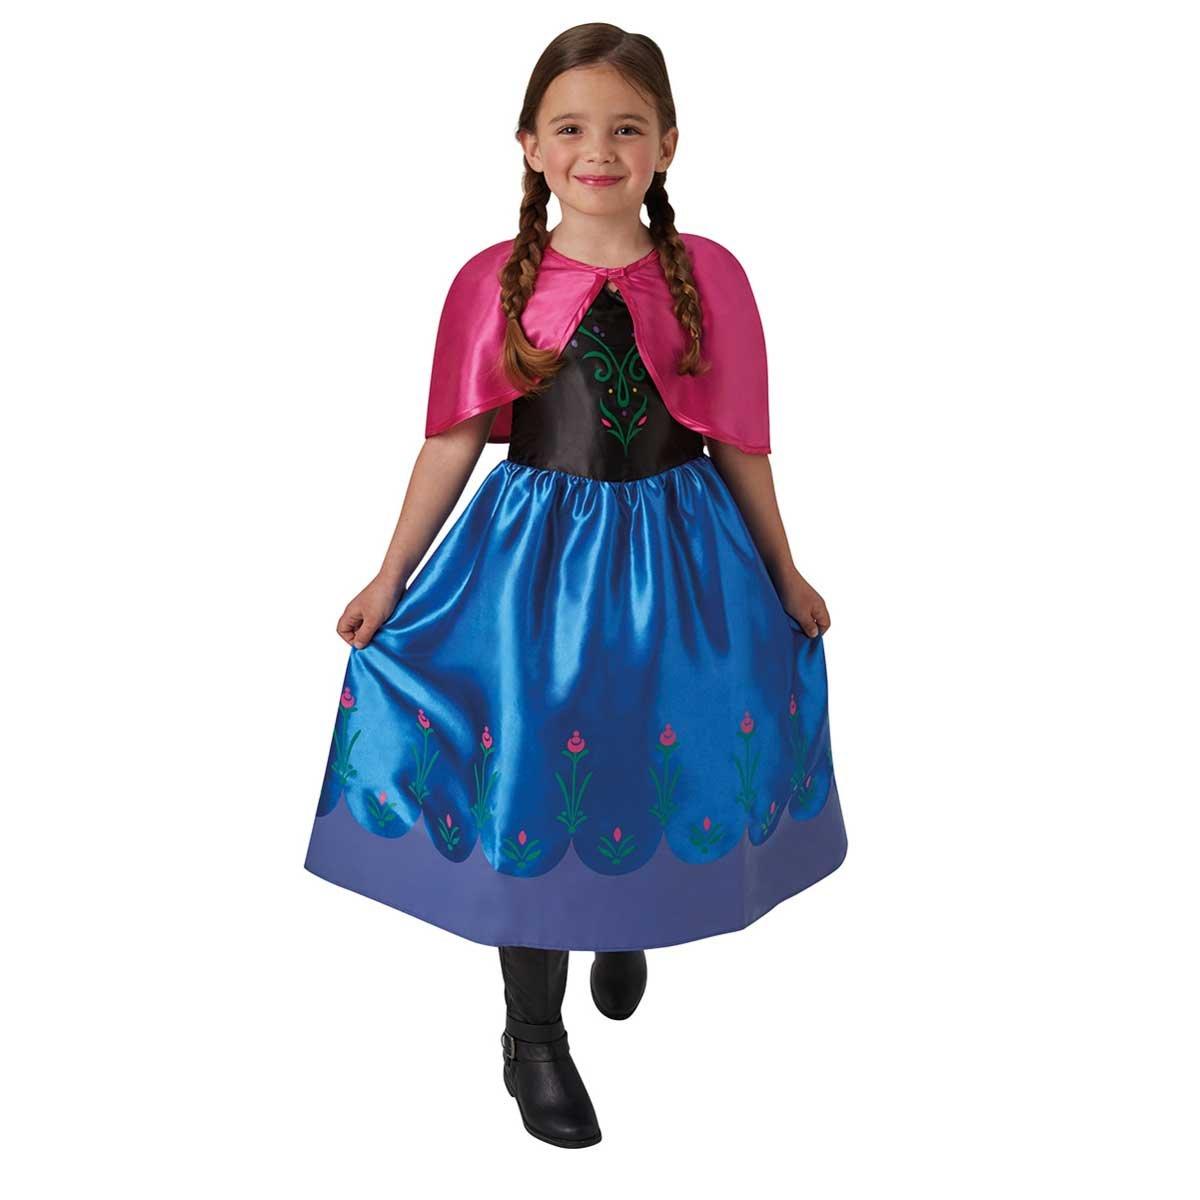 Frozen - Disfraz de Anna classic para niña, infantil talla 5-6 ...